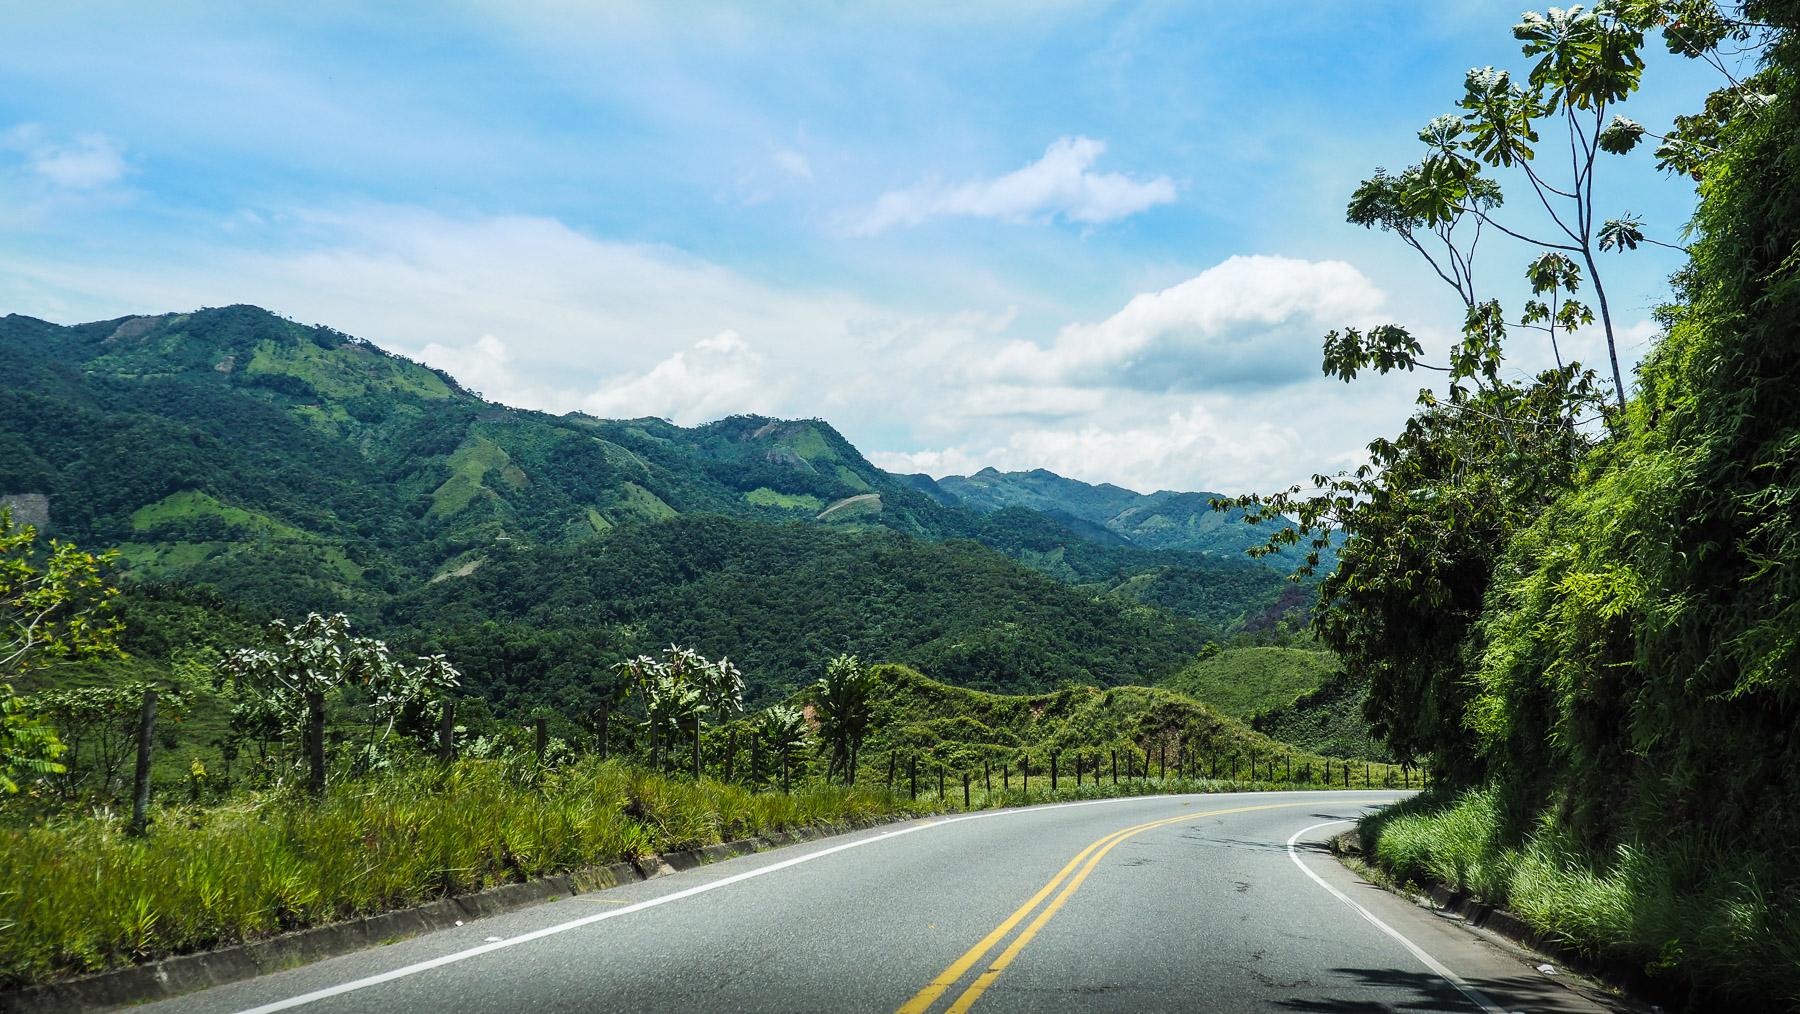 Typische kolumbianische Landschaft